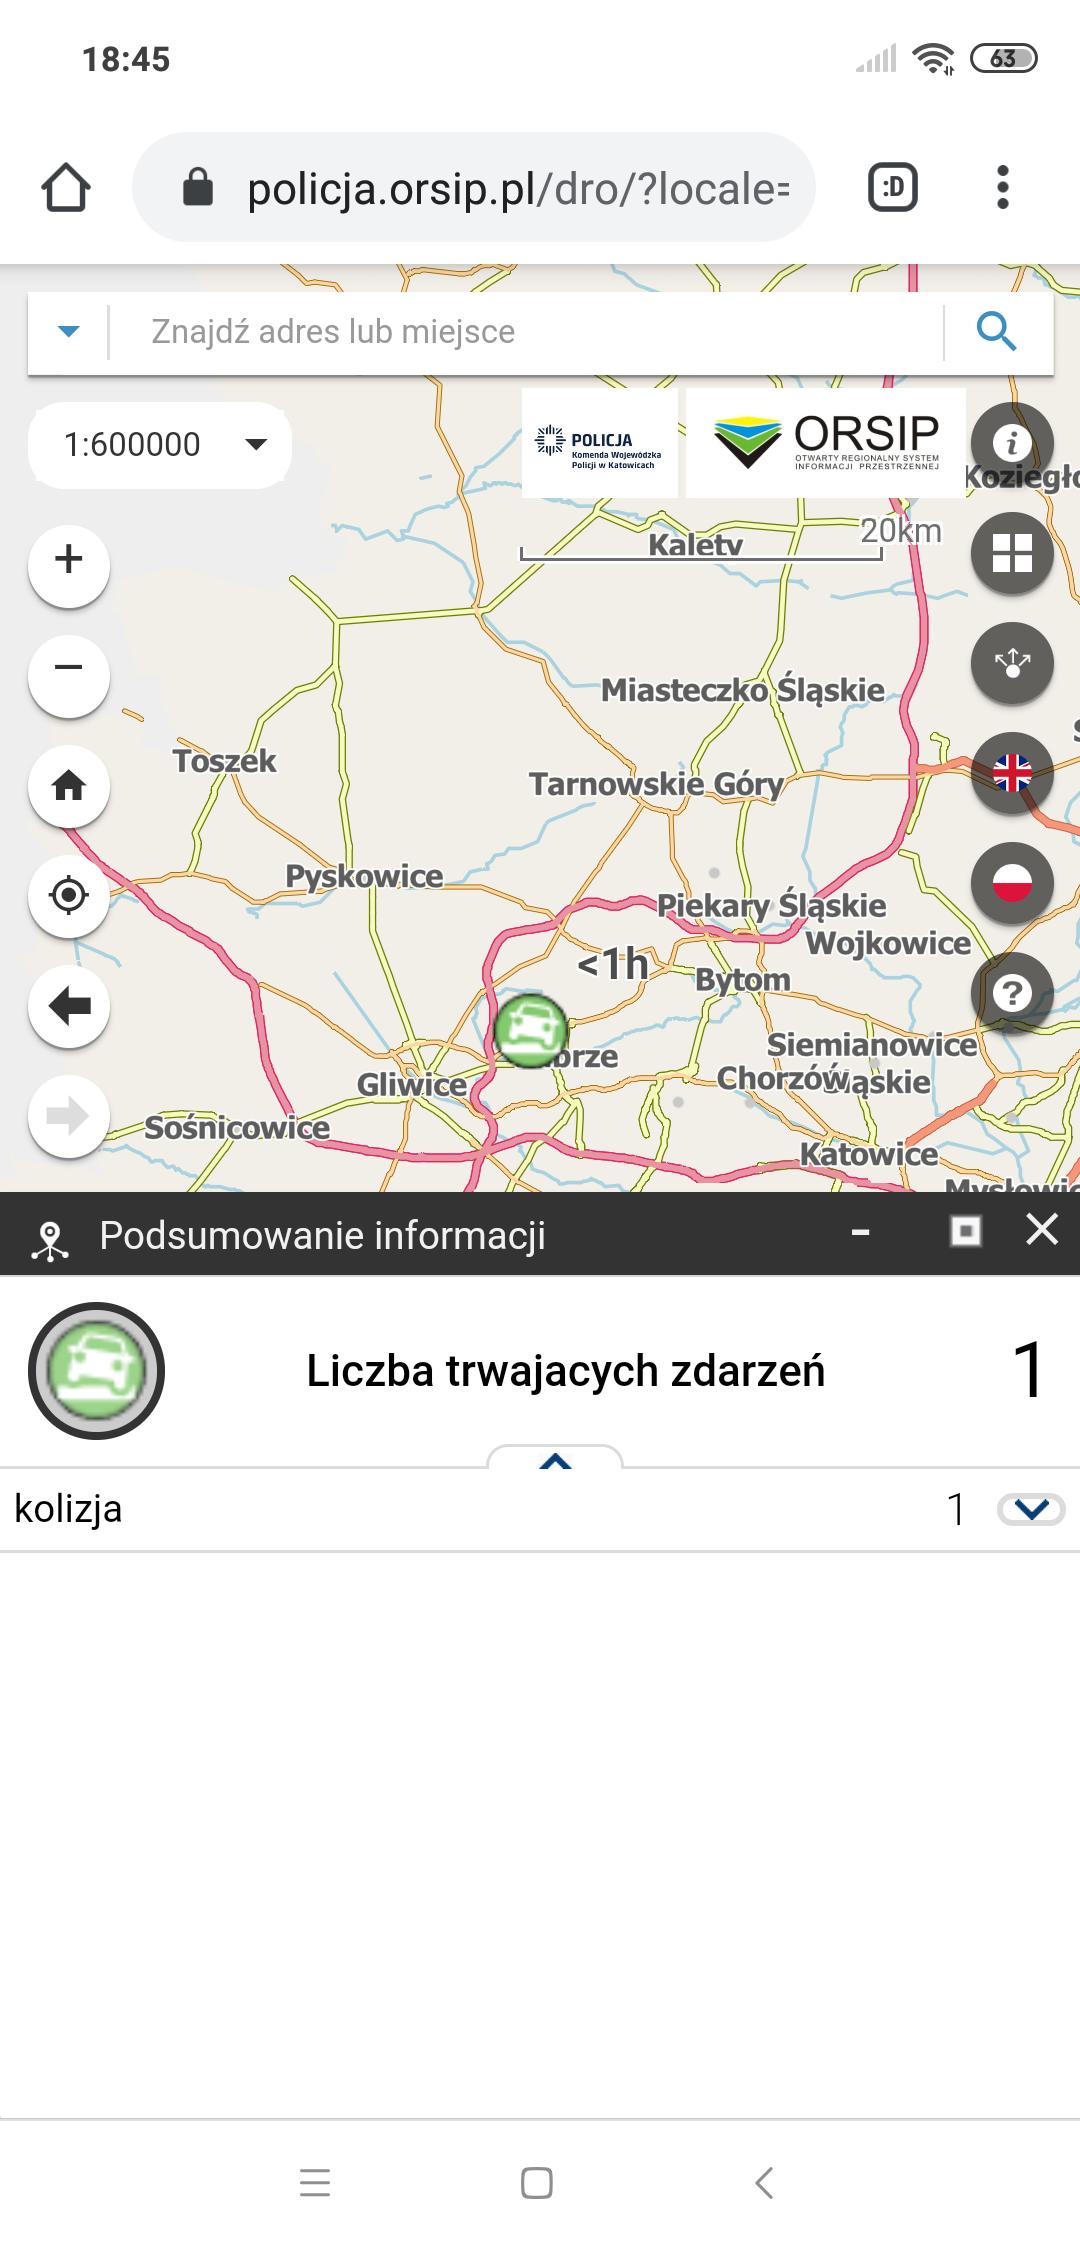 Polska Policja zdarzenia na mapie